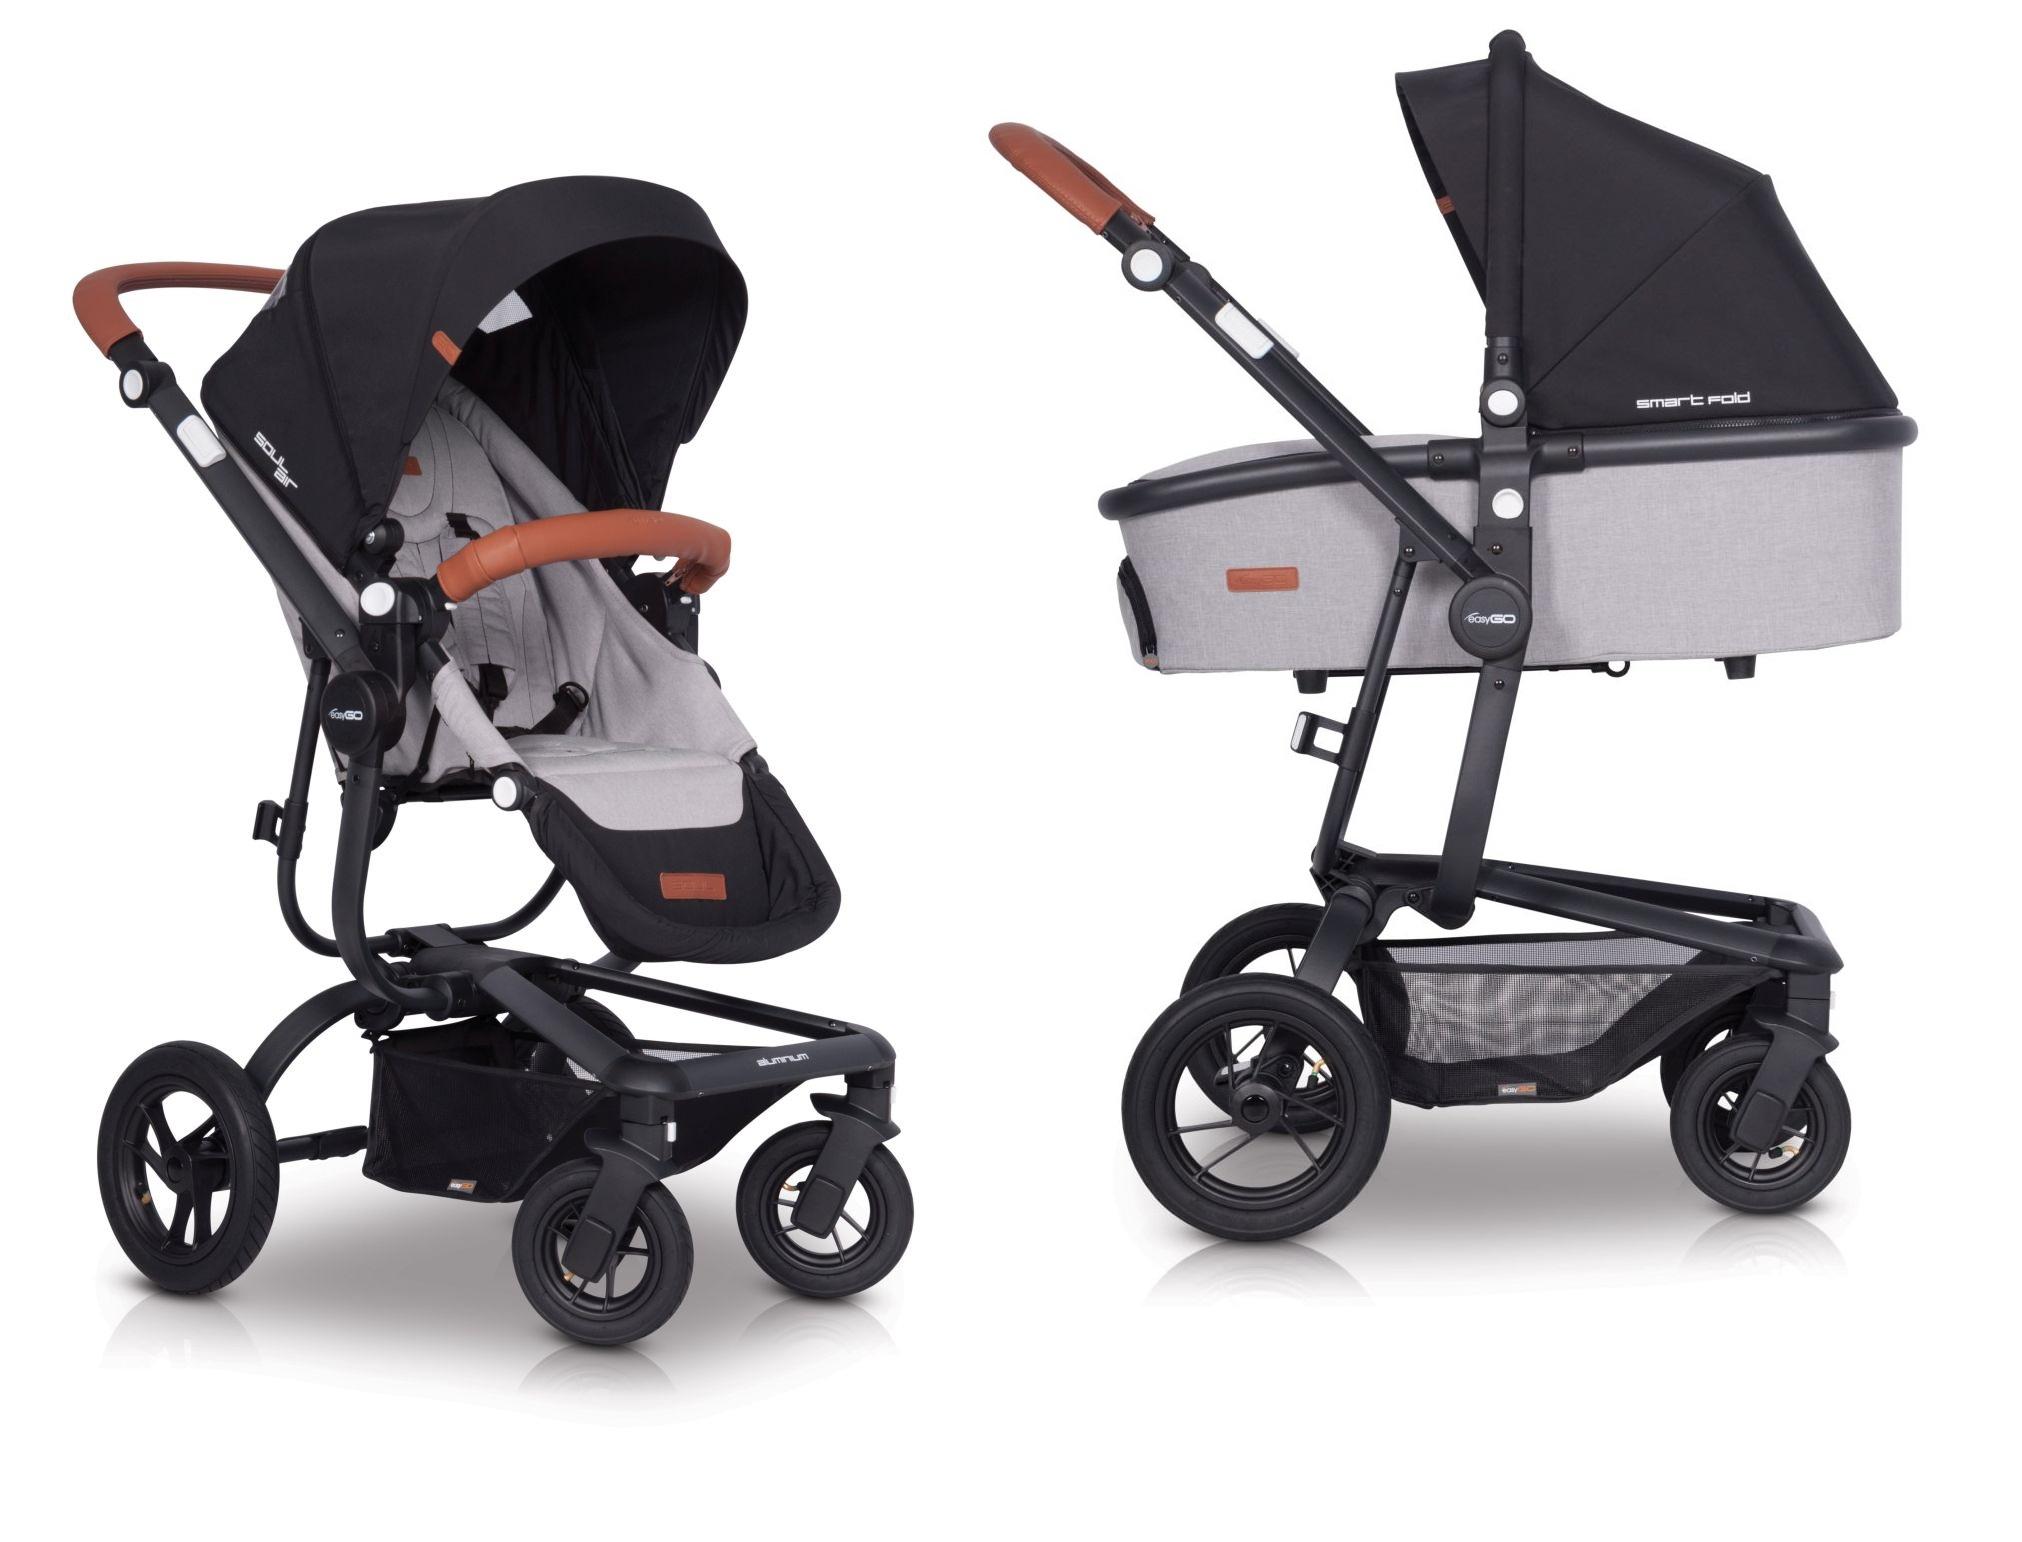 Wózek głęboko spacerowy Soul Air EasyGO 2w1 z opcją montażu fotelika 0-13kg